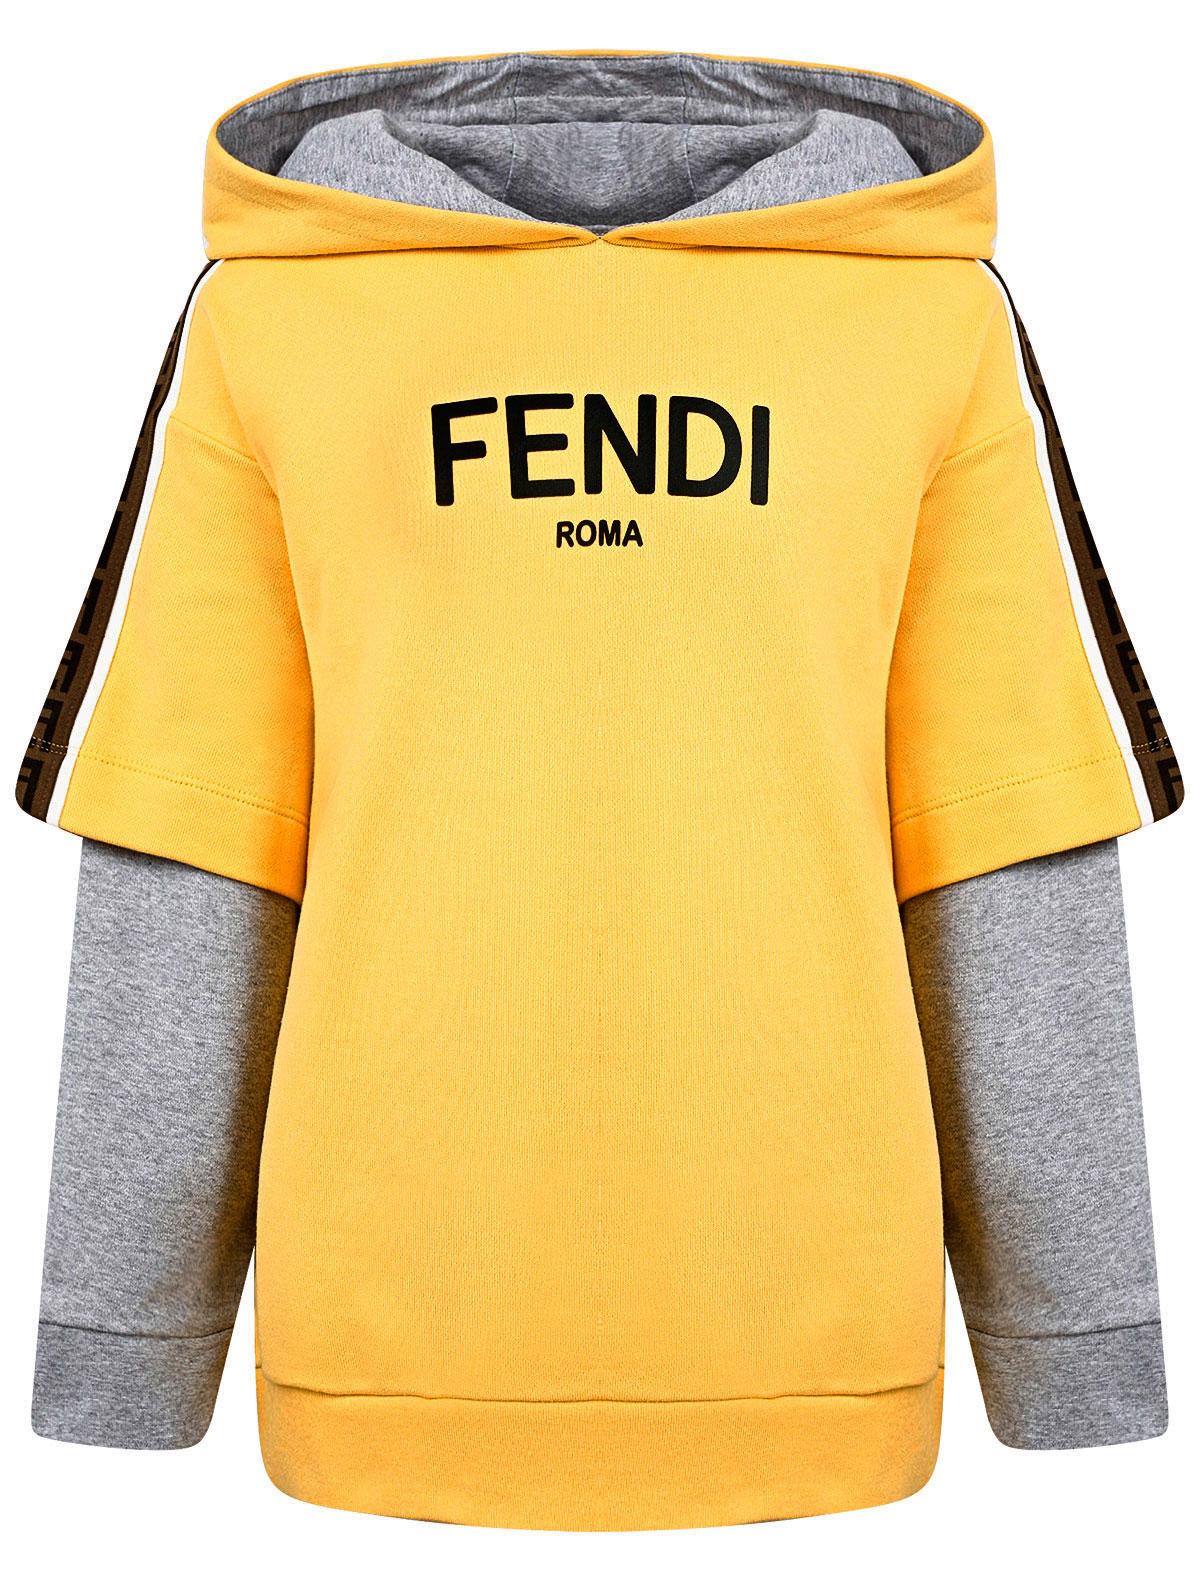 2296550, Худи Fendi, желтый, Мужской, 0094519170477  - купить со скидкой